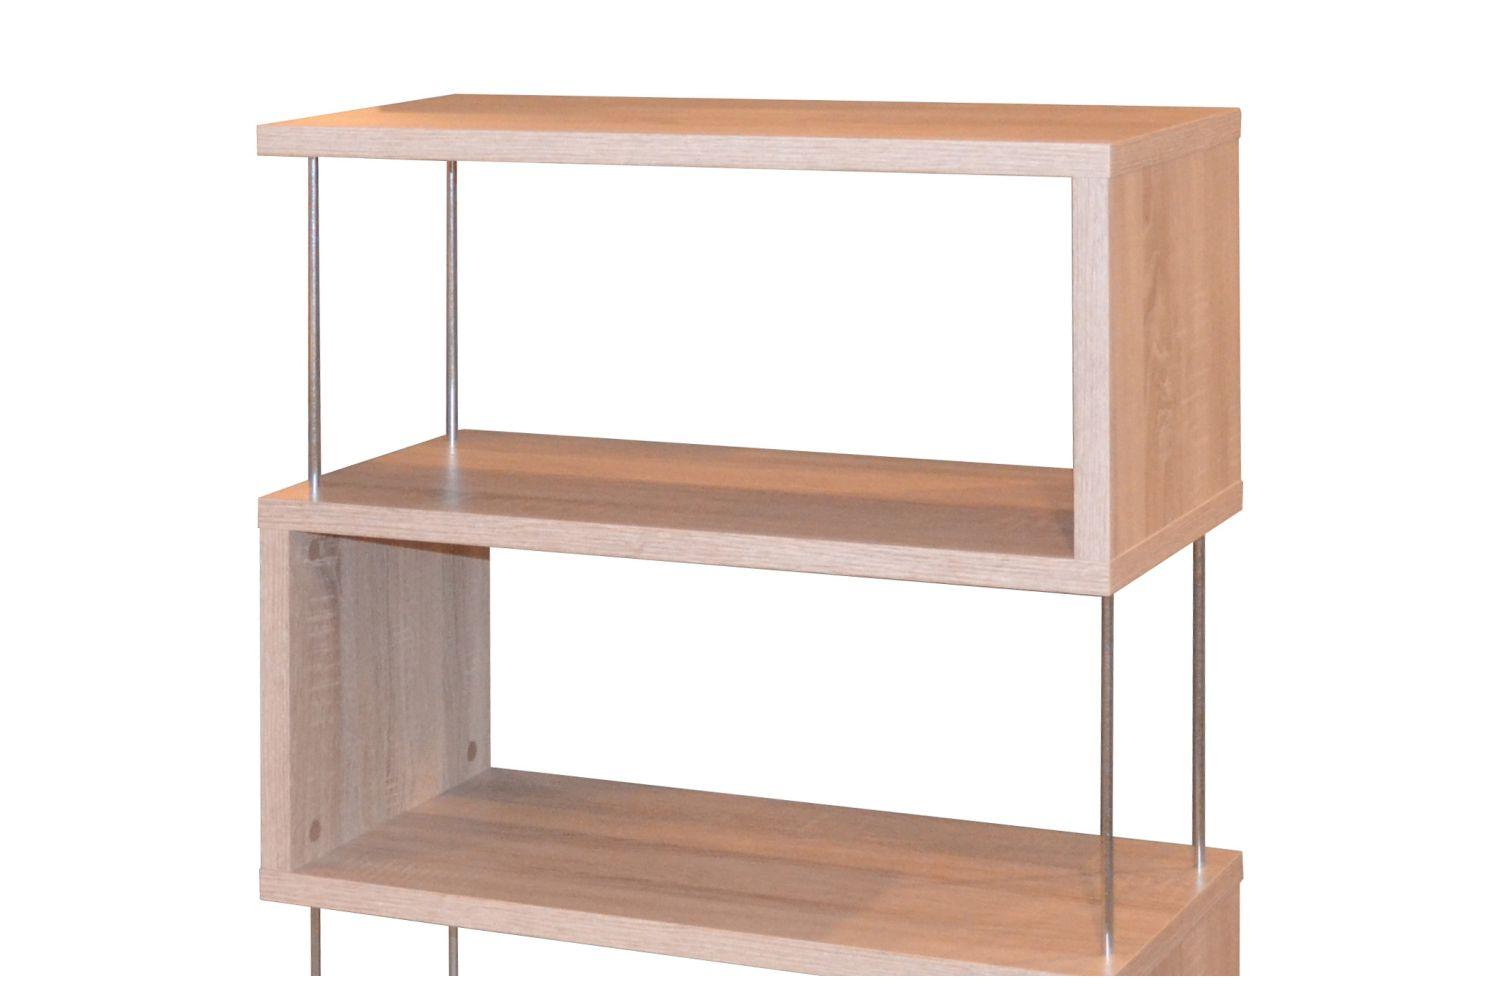 b cherregal neu modern standregal eiche s gerau regale regal aufbewahrung ebay. Black Bedroom Furniture Sets. Home Design Ideas